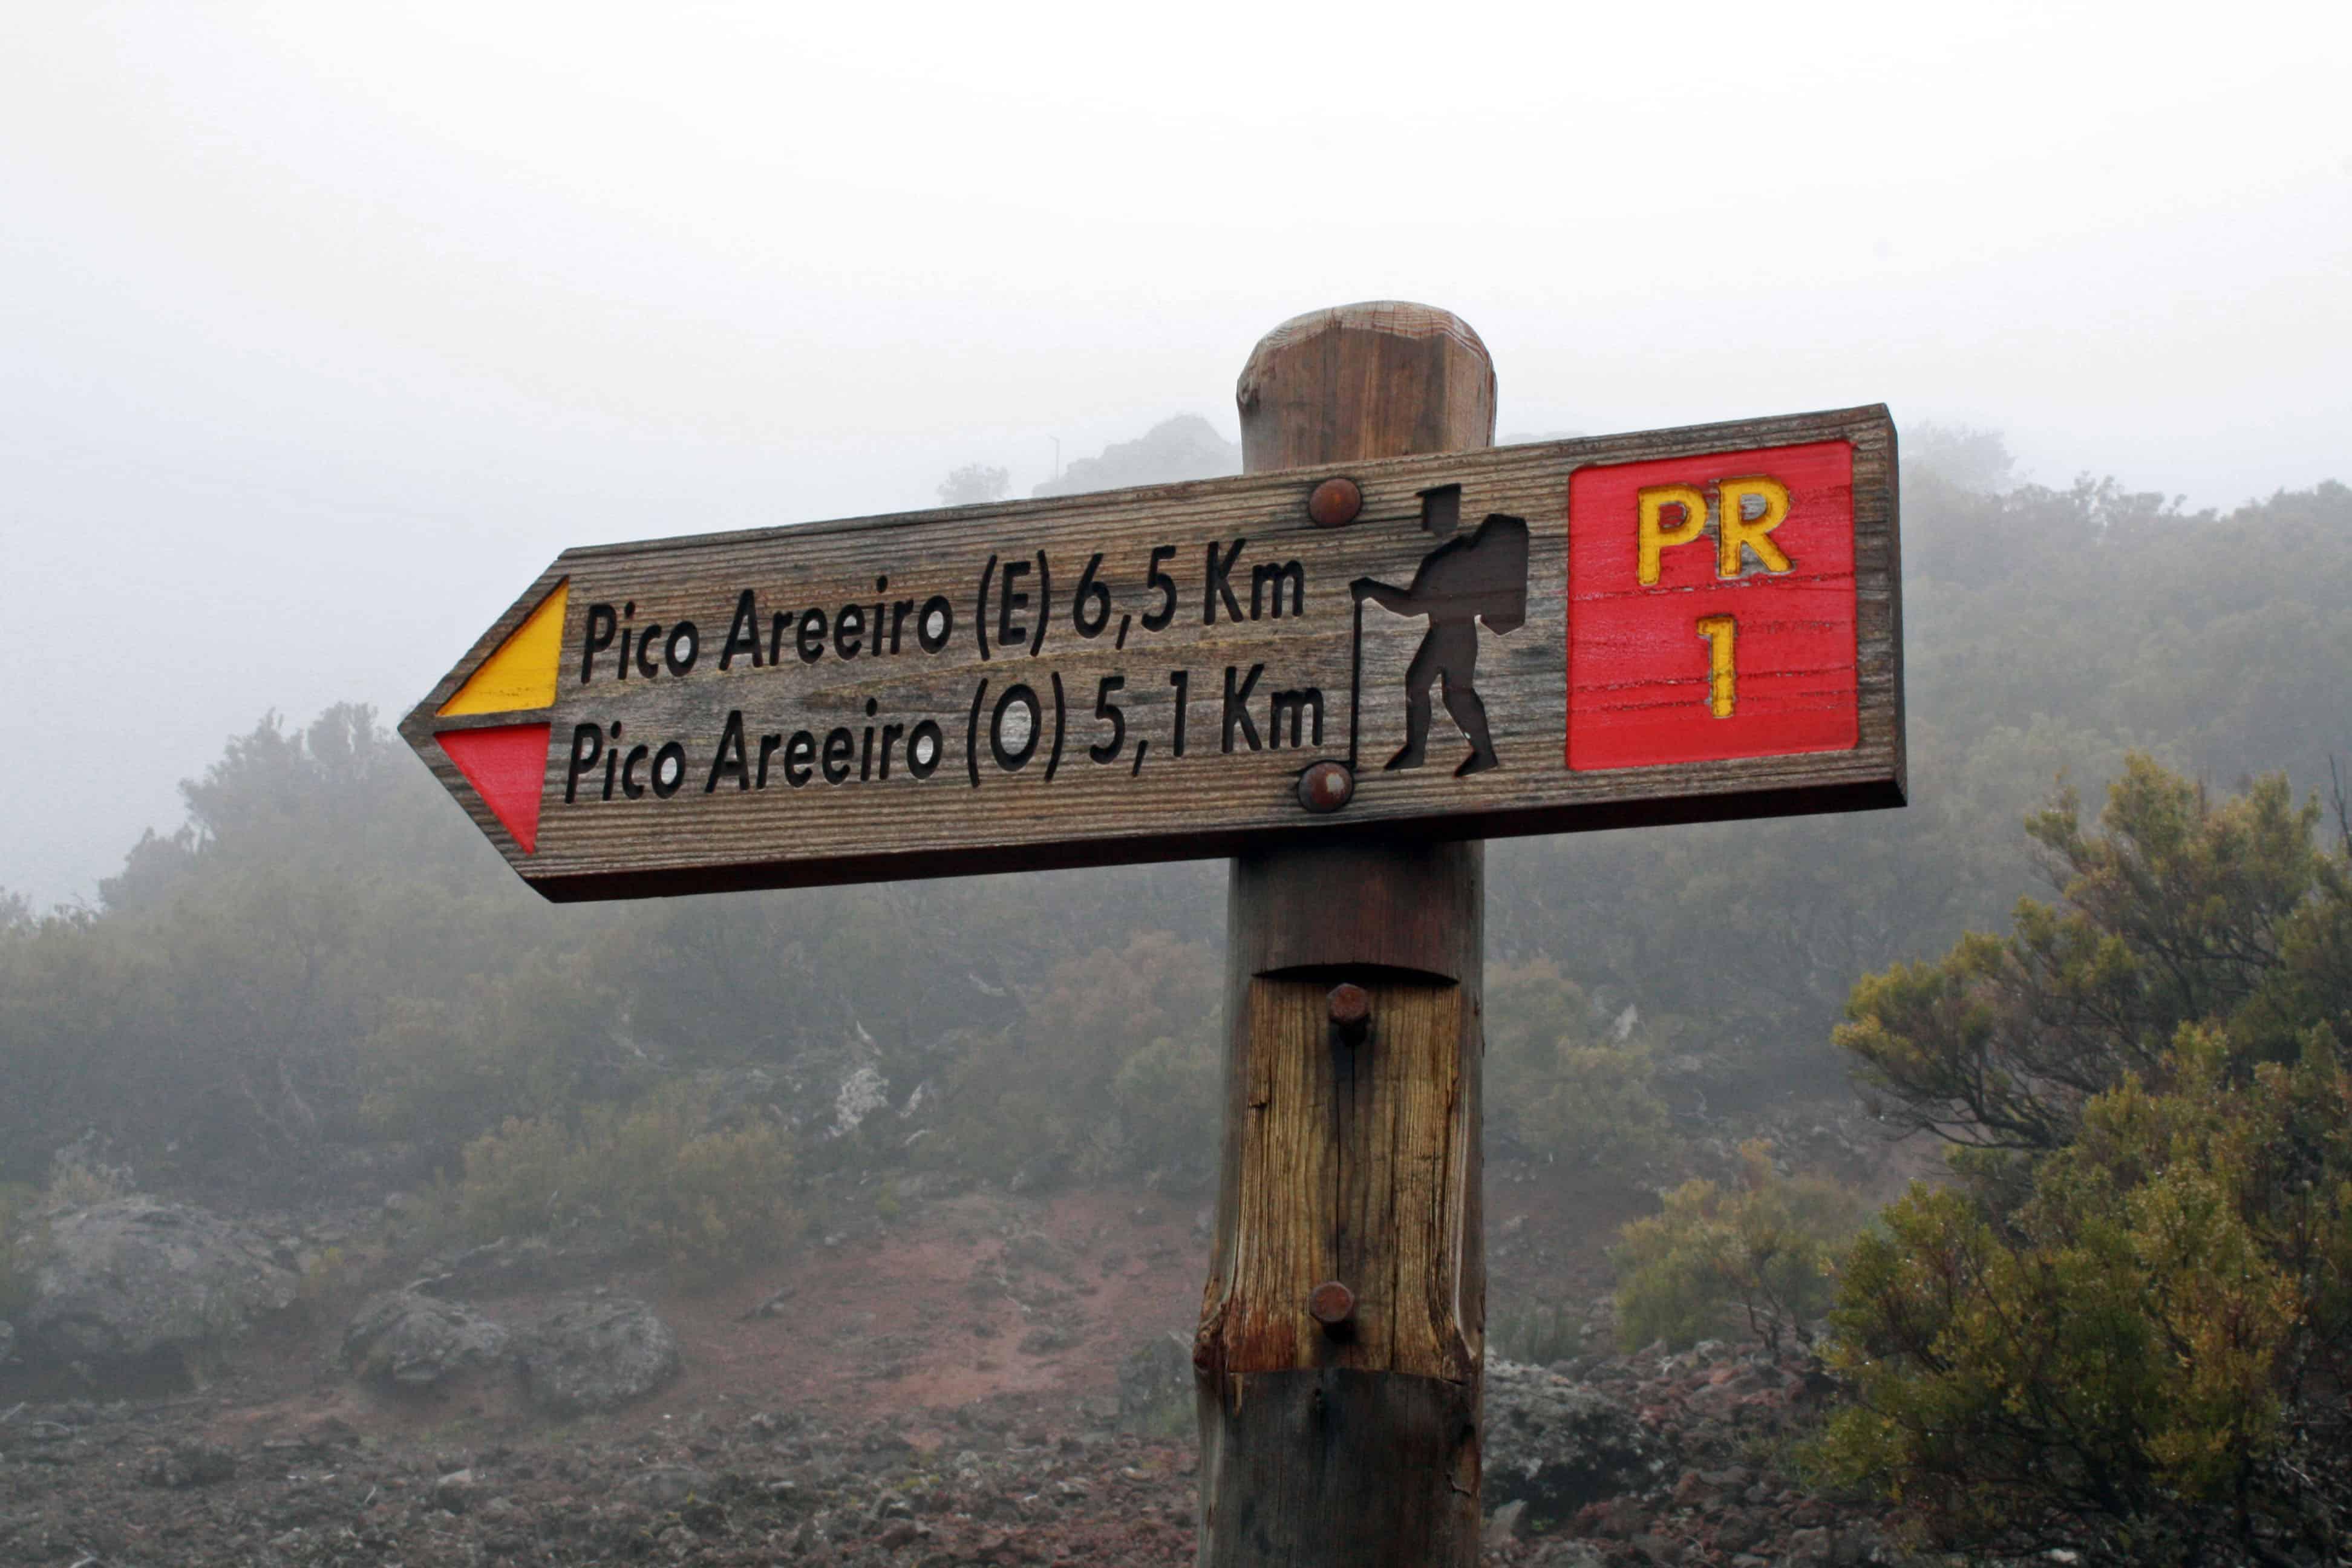 Pico do Arieiro signpost